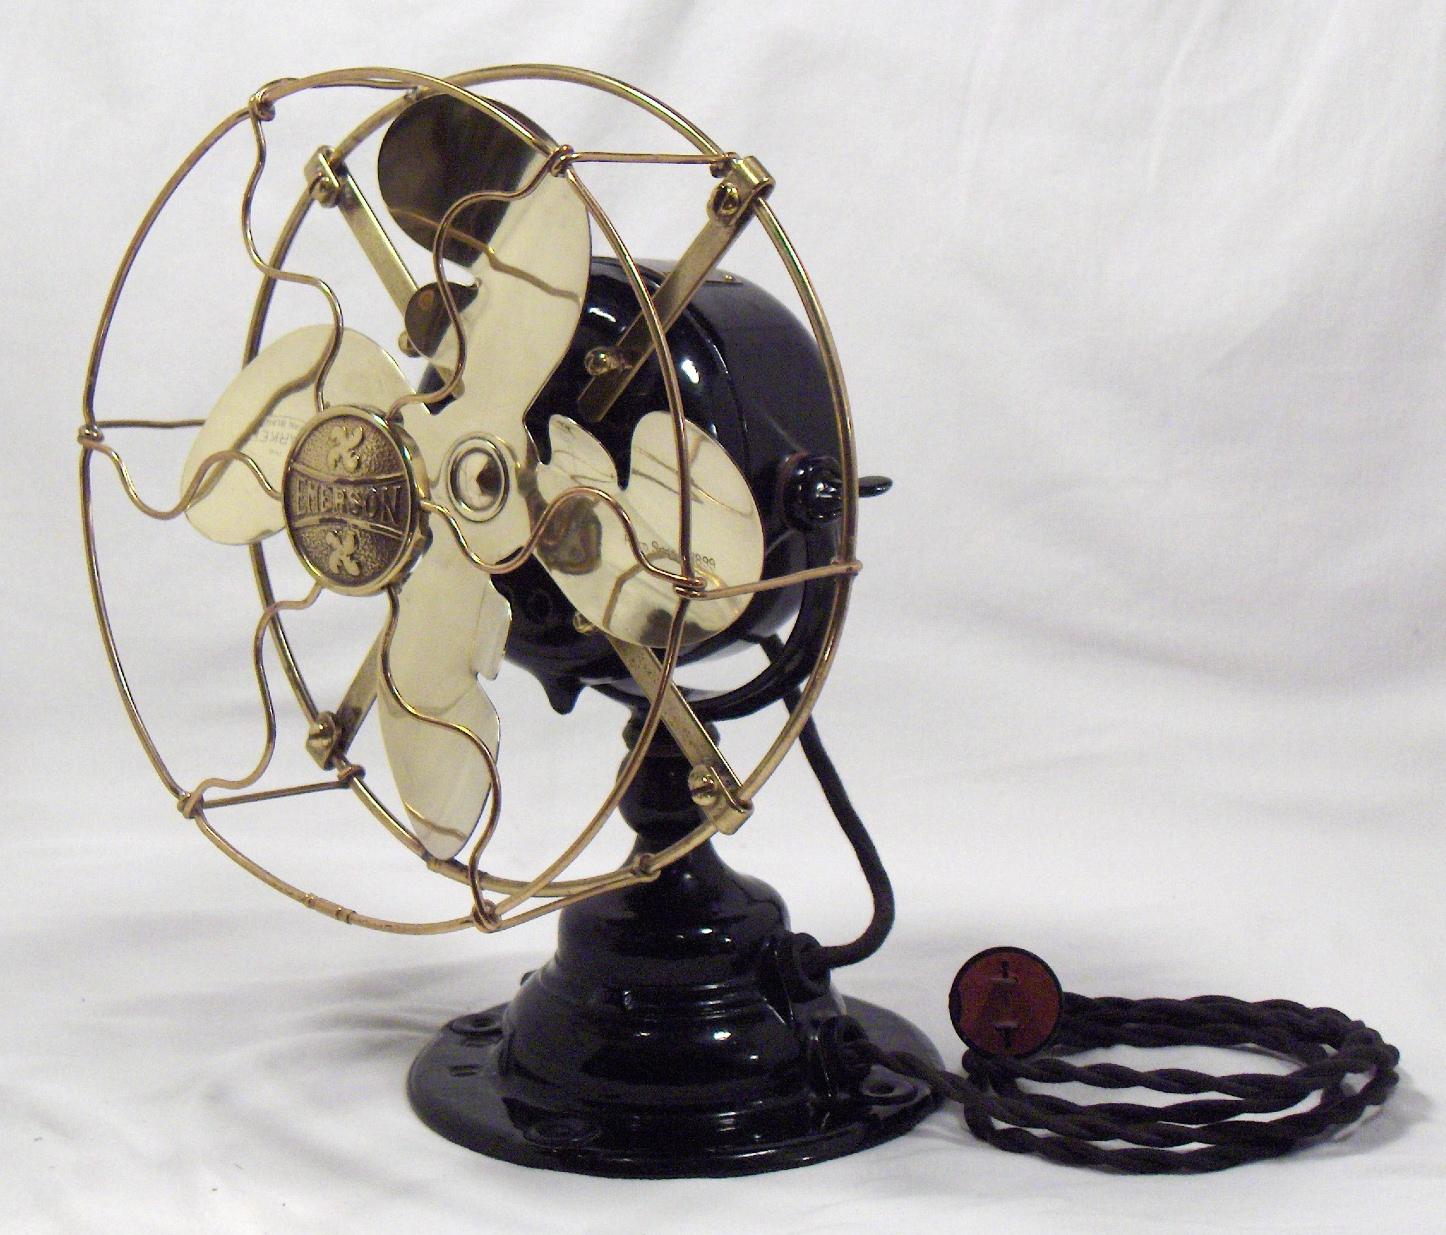 Emerson Desk Fan : Emerson fan model vintage lighting and shoppe